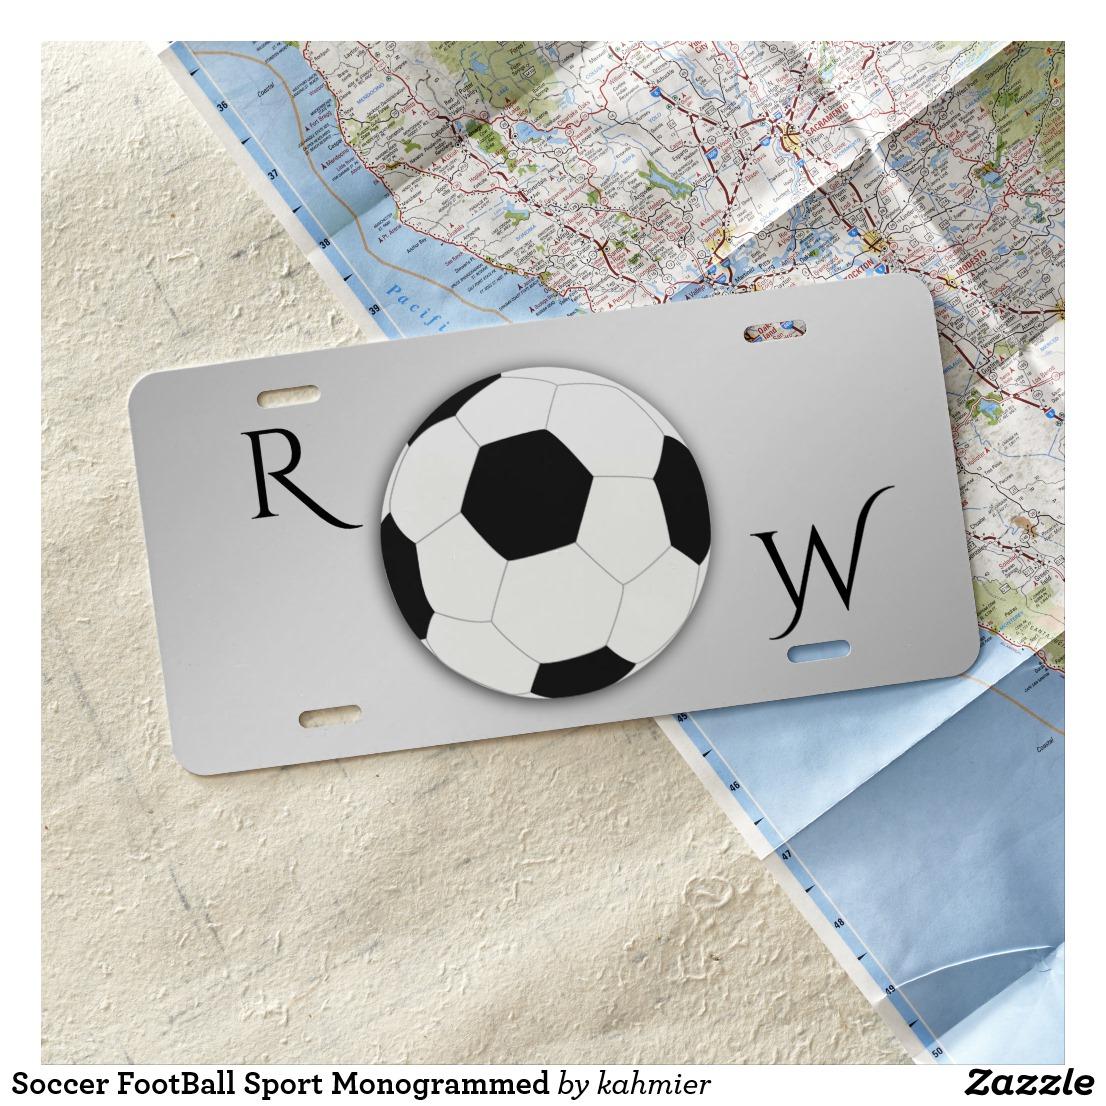 Soccer FootBall Sport Monogrammed License Plate